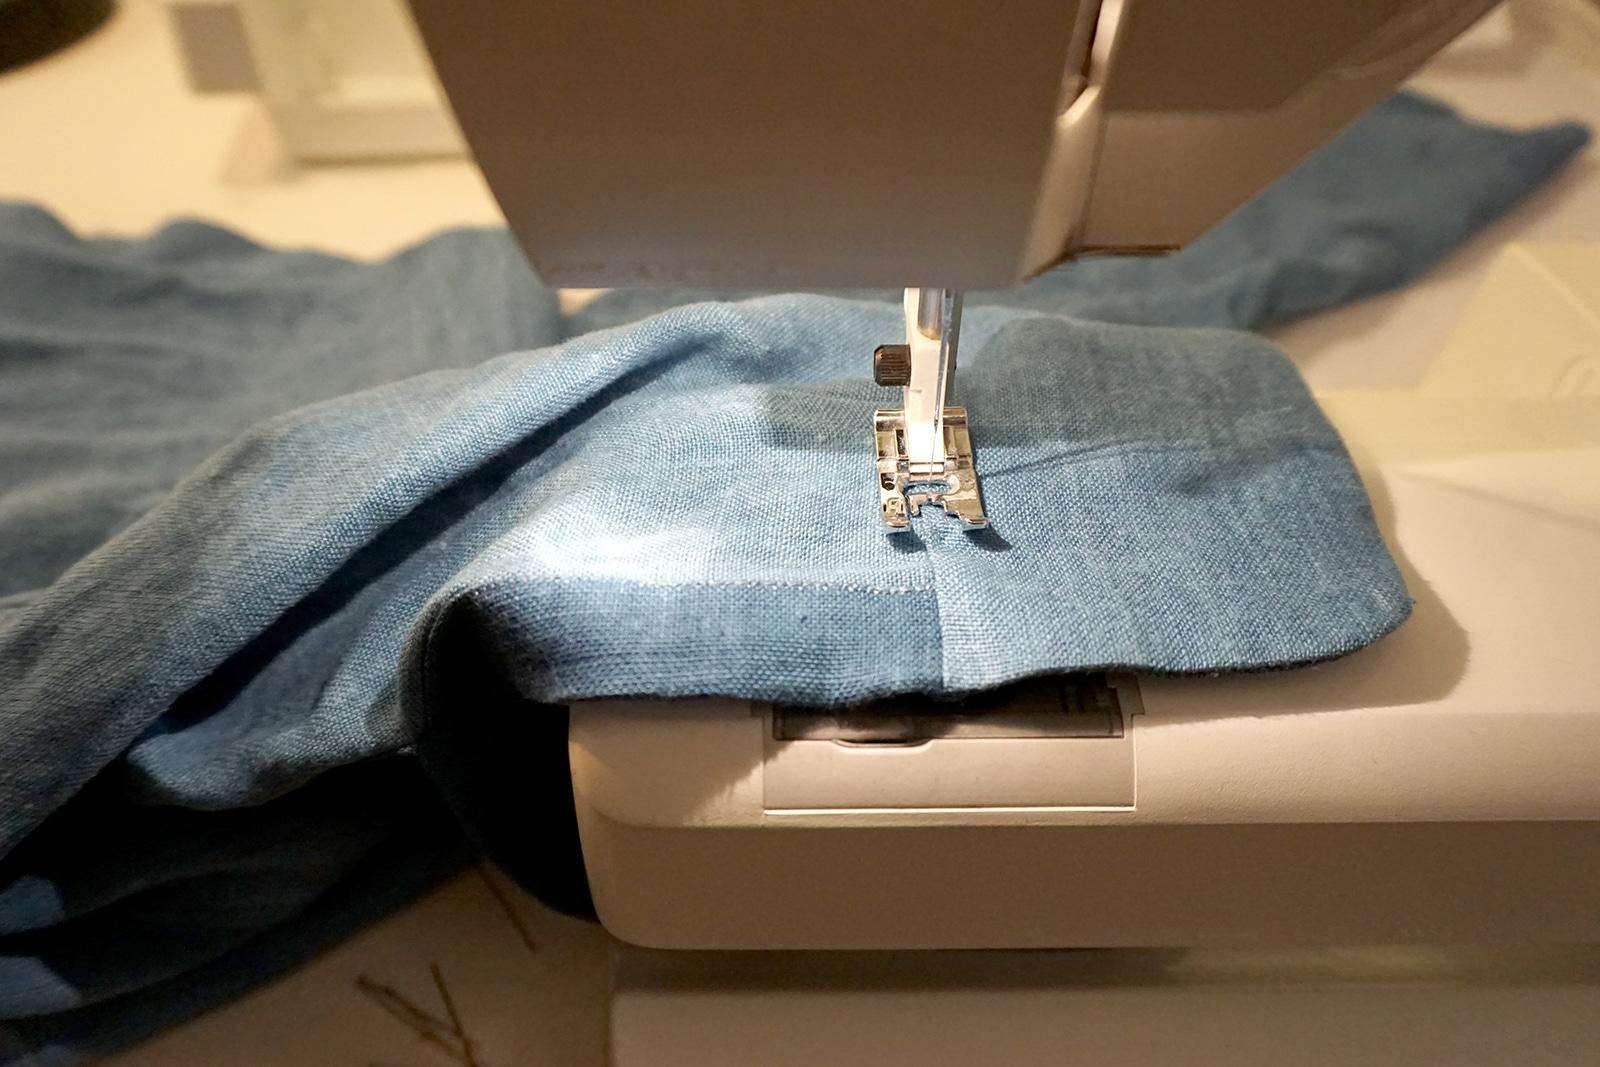 Surpiqure de poignet – Travail en cours machine a coudre – Chemise – Projet Bleu – Studio sur-mesure